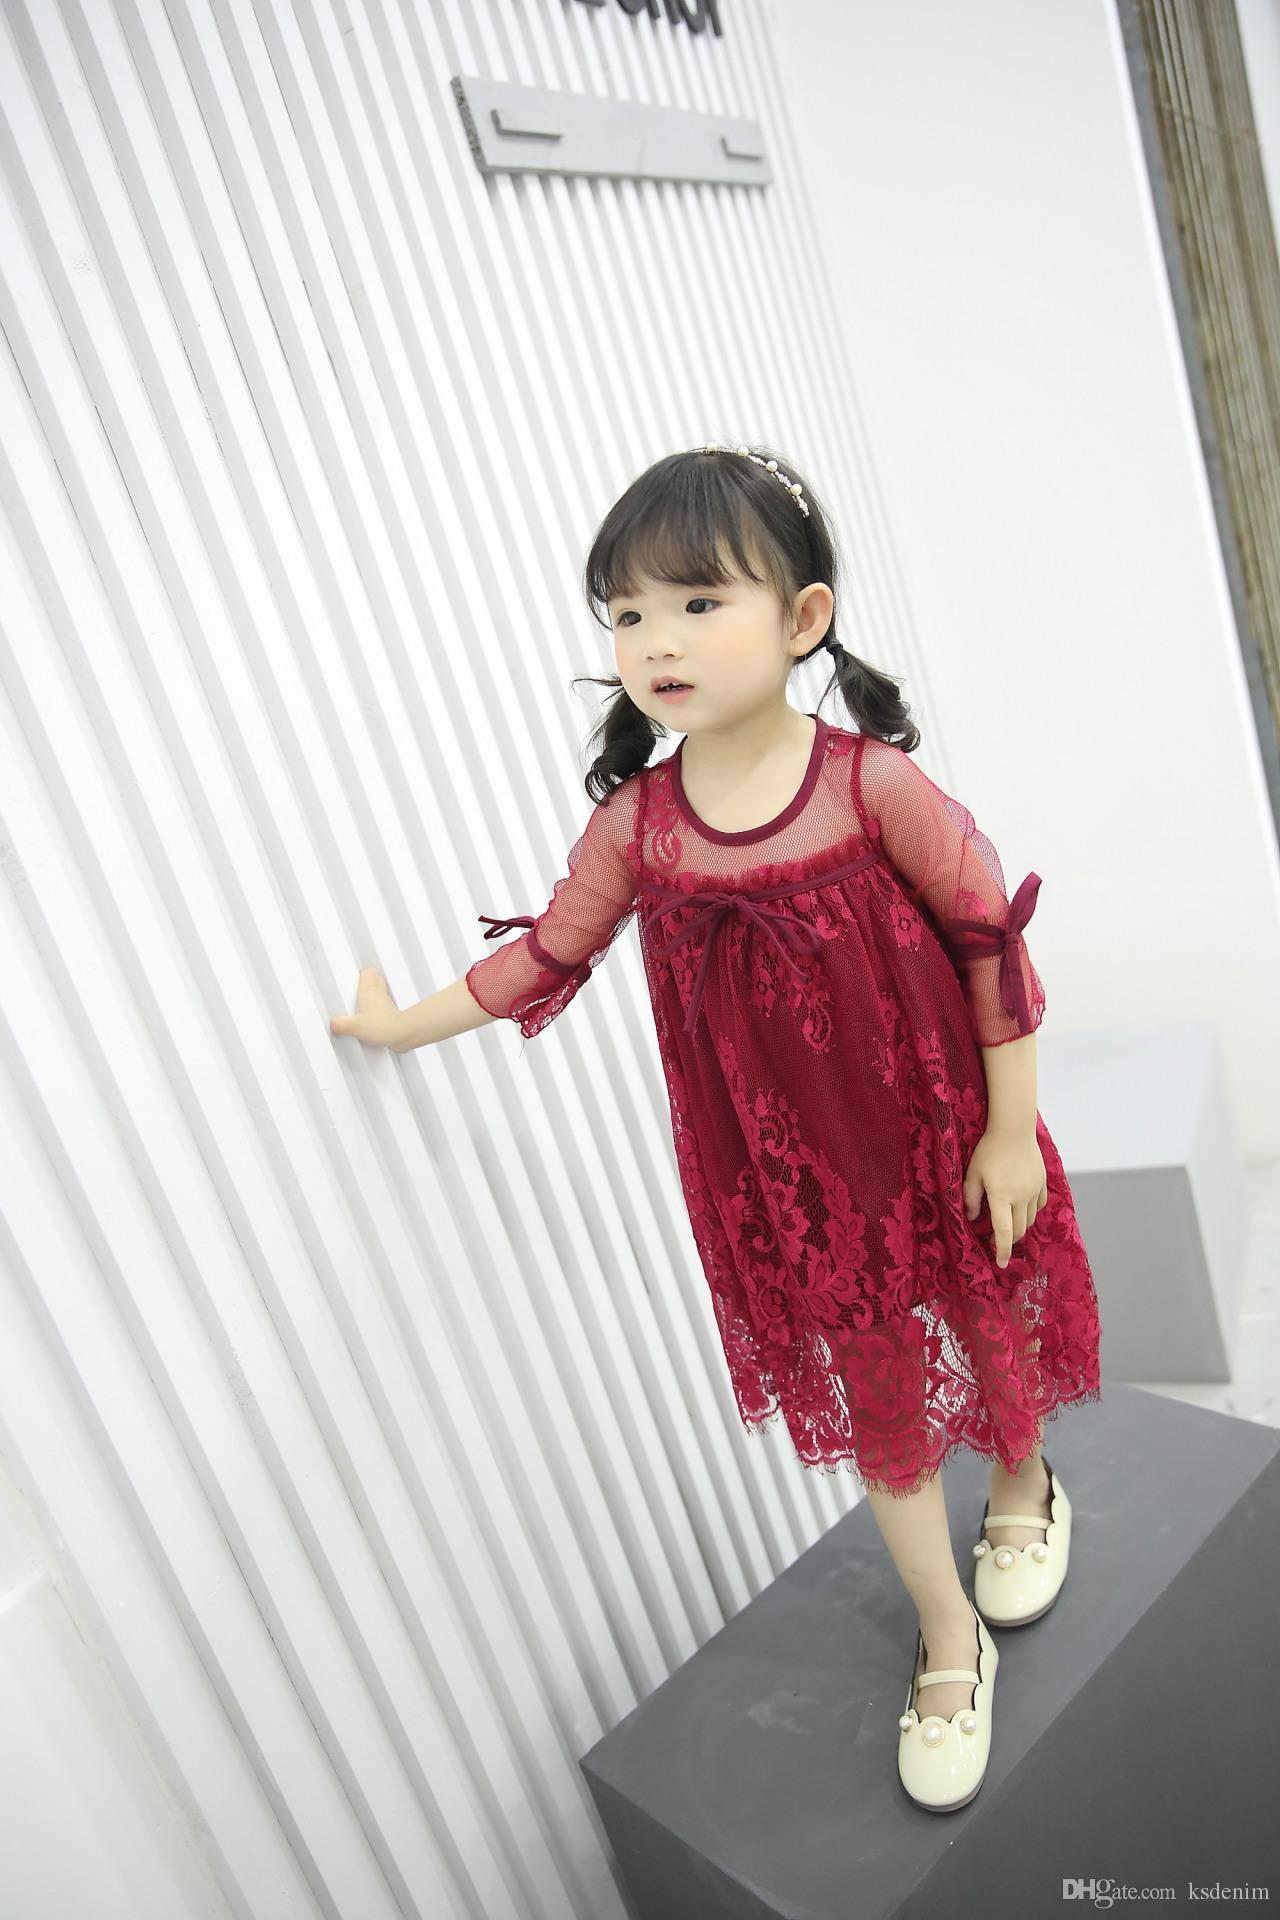 Ausgezeichnet Mädchen Parteikleider Galerie - Hochzeit Kleid Stile ...